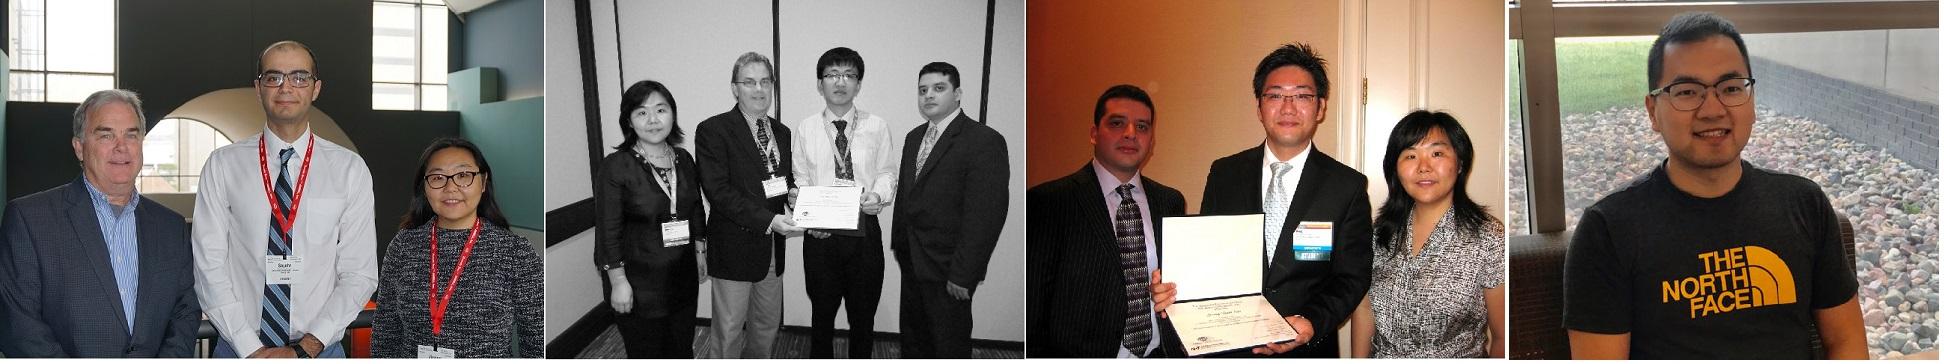 ACI James Award